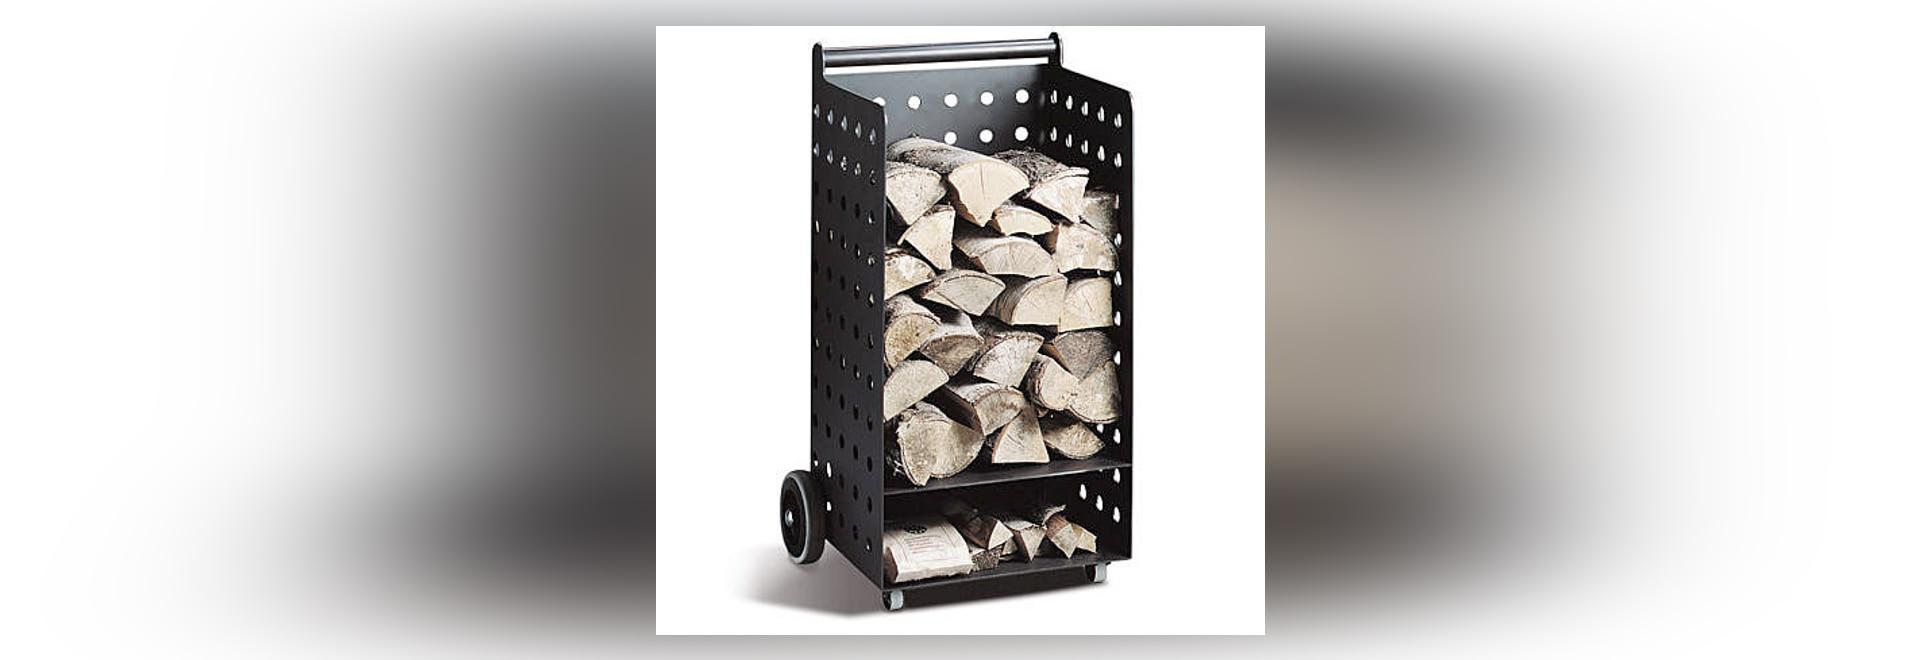 Ben noto Contenitore di legna da ardere di HWAM - HWAM Intelligent Heat AS OE94